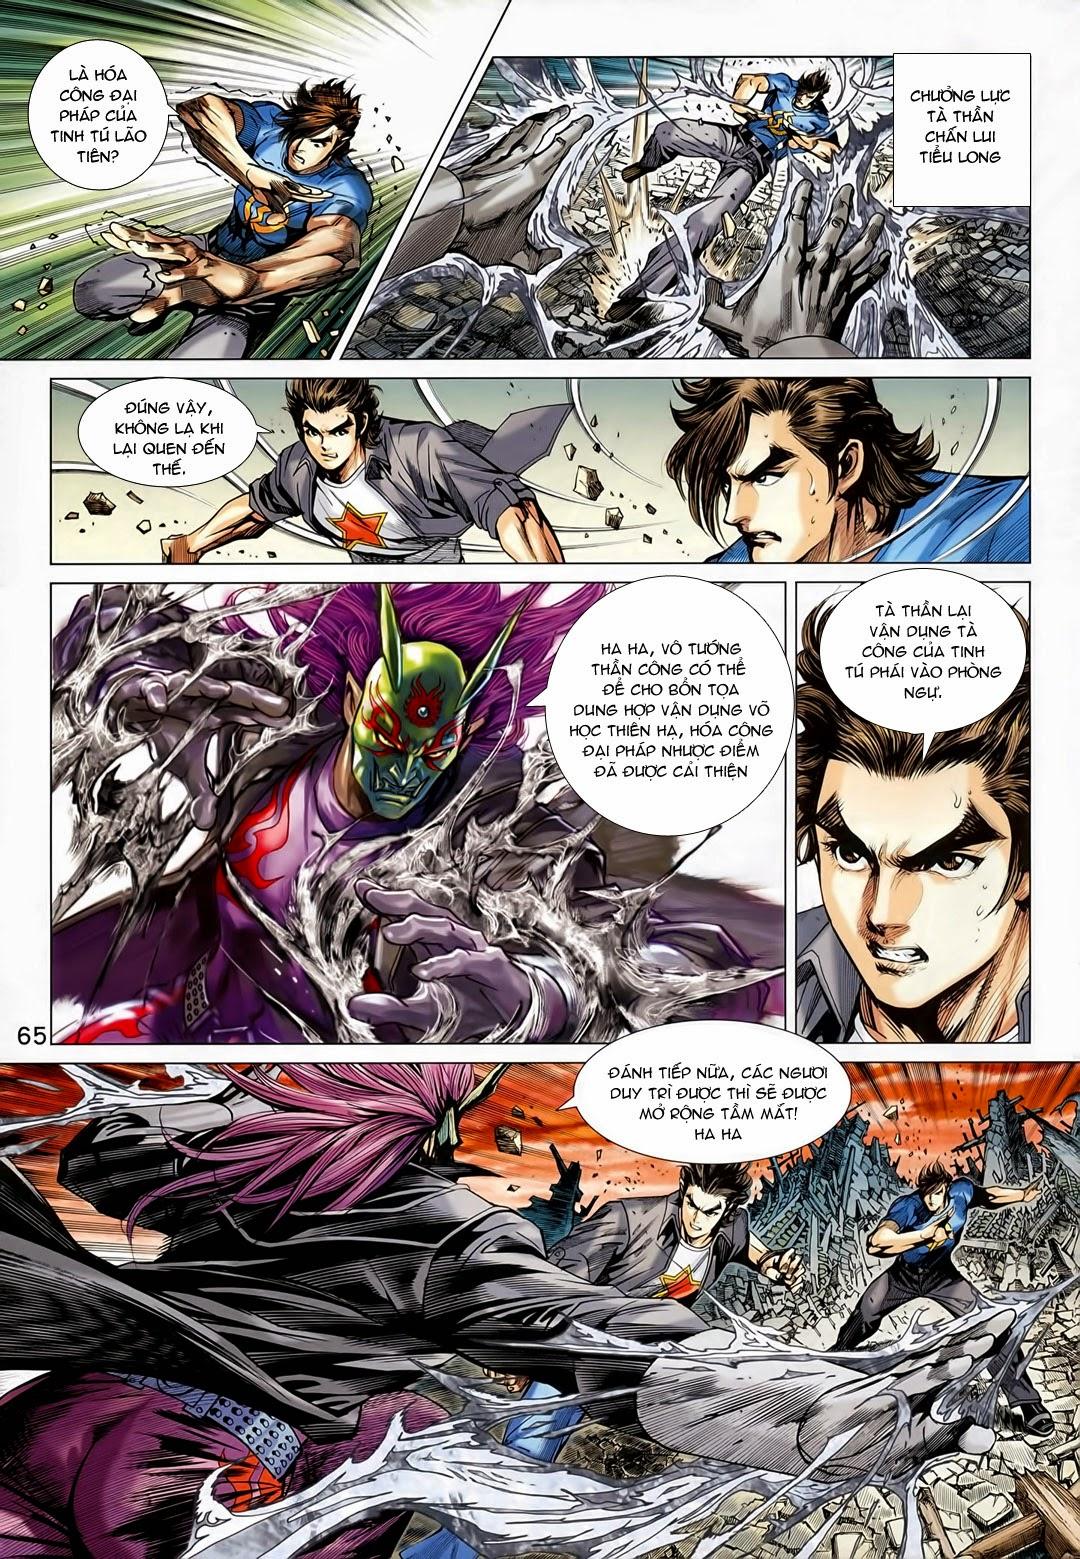 Tân Tác Long Hổ Môn trang 60